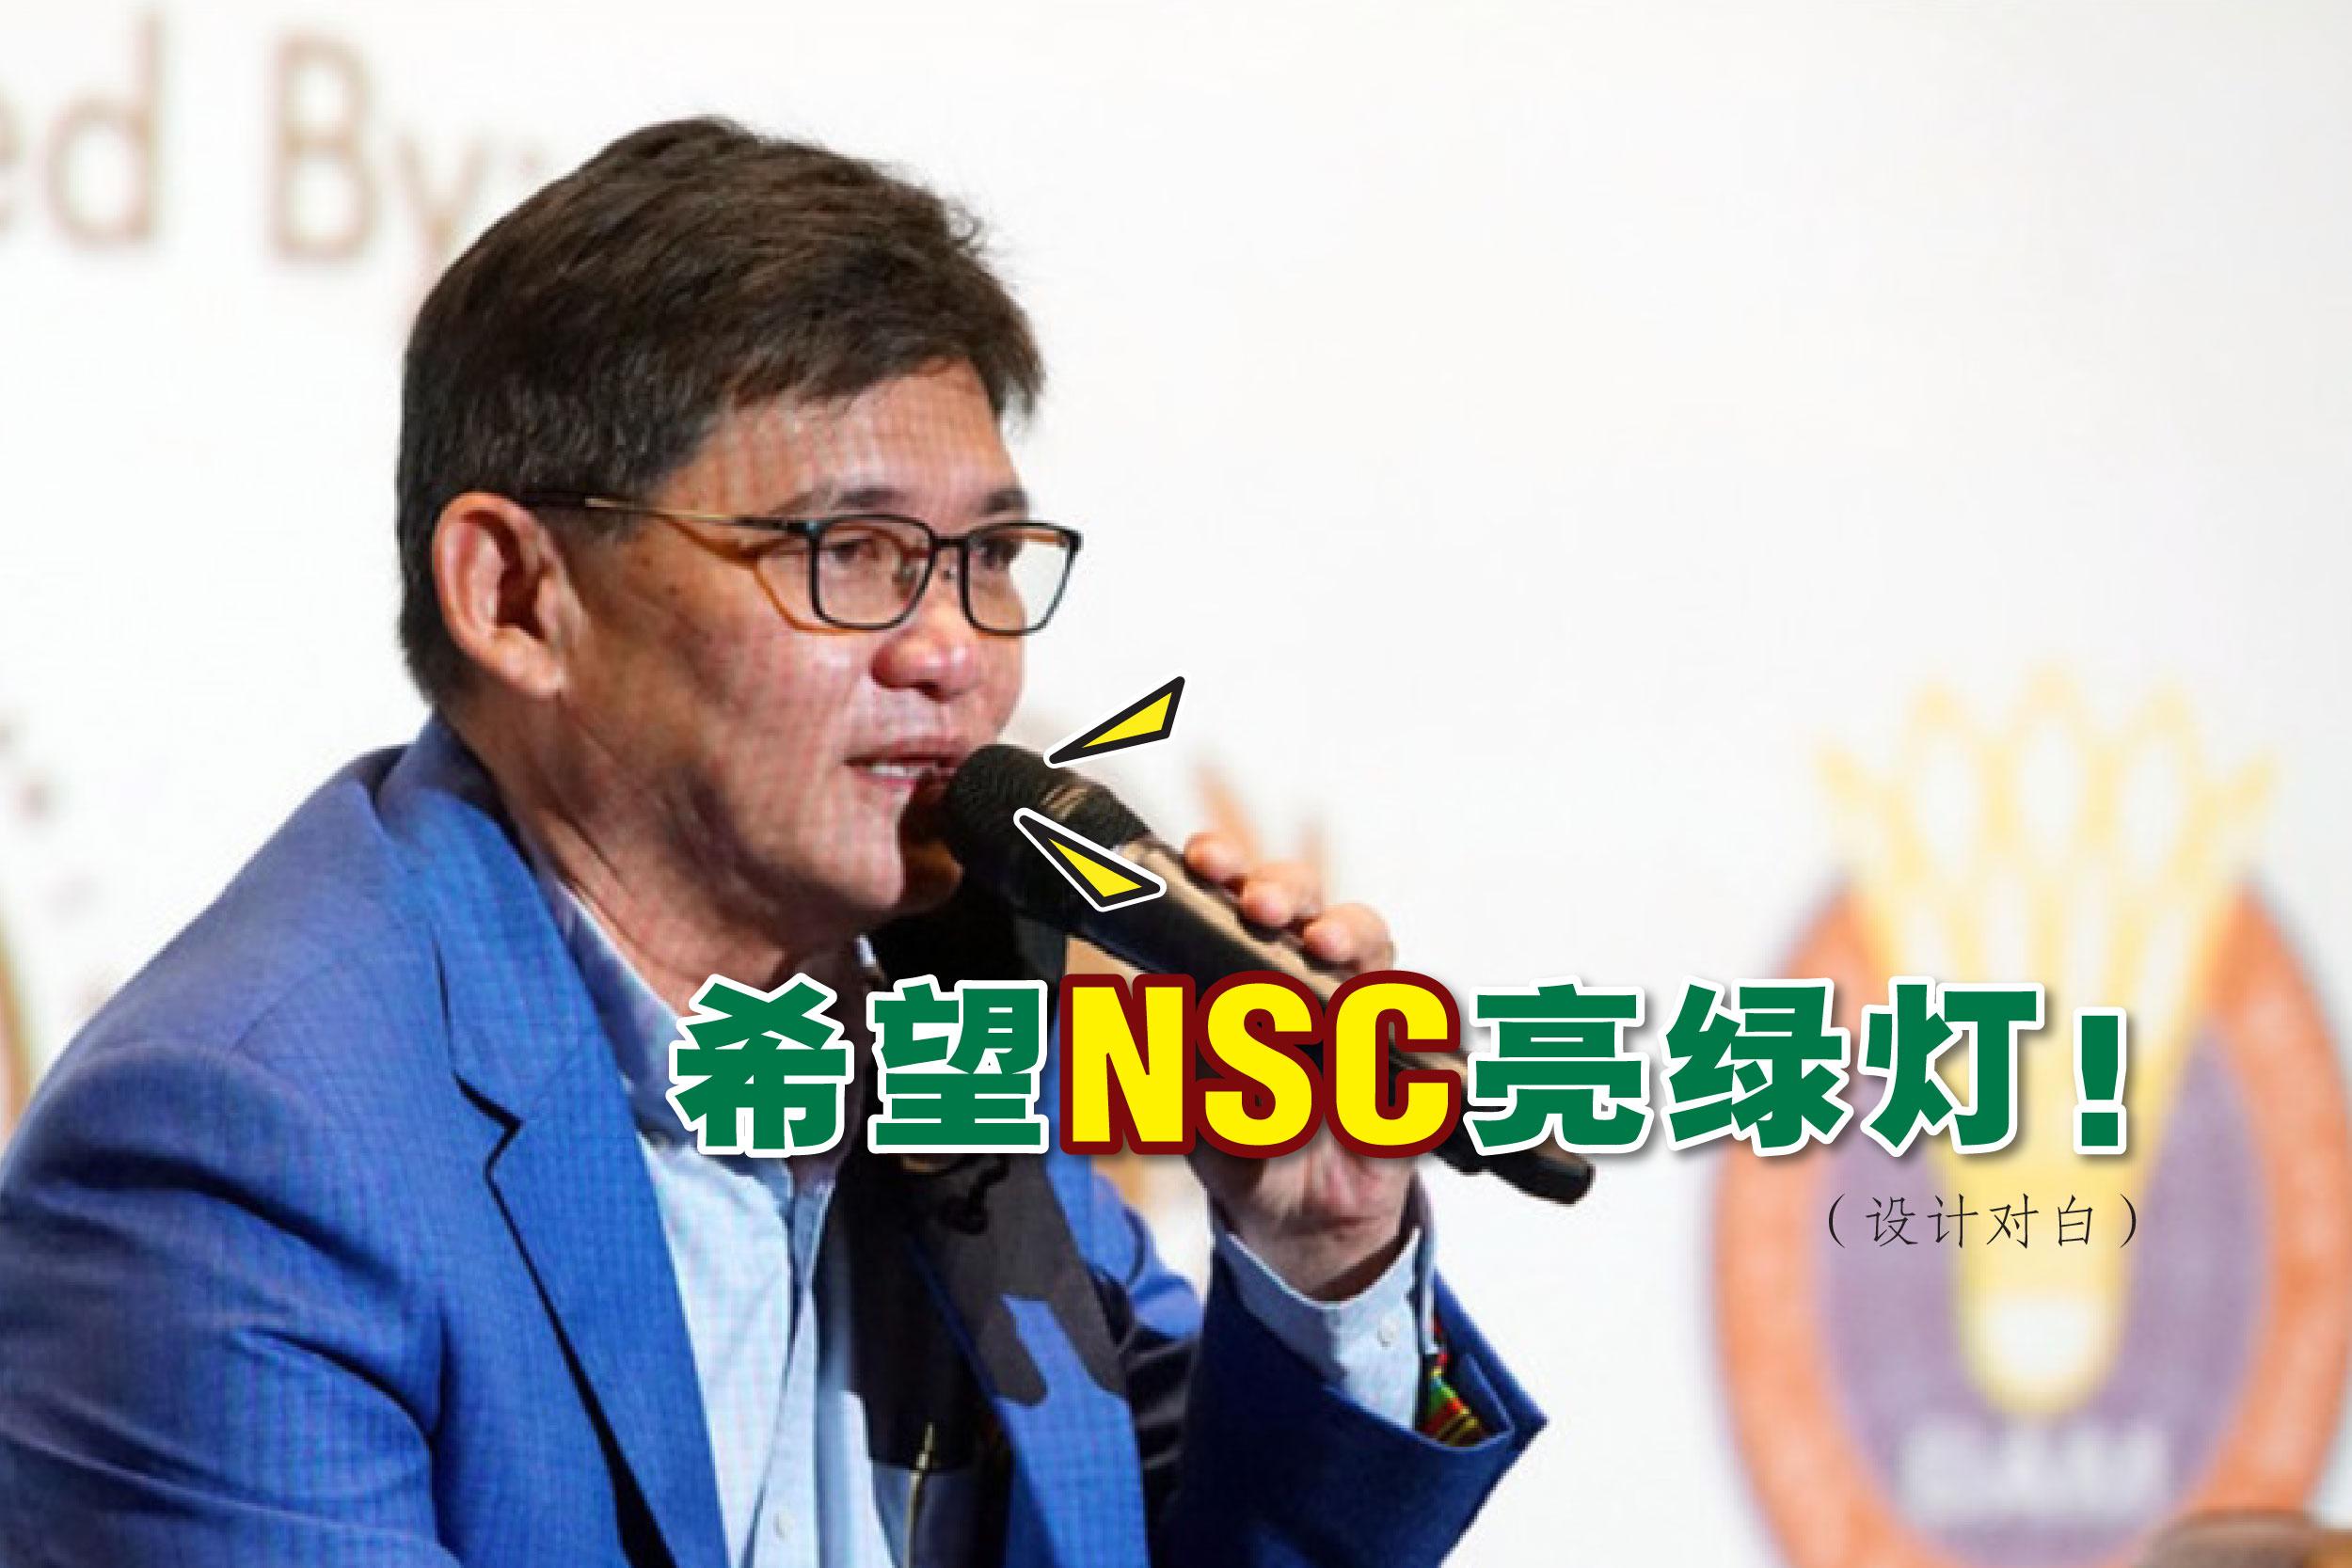 马羽总秘书吴志强指出明年能否举办羽球赛,需等体理会批准。-马新社/精彩大马制图-